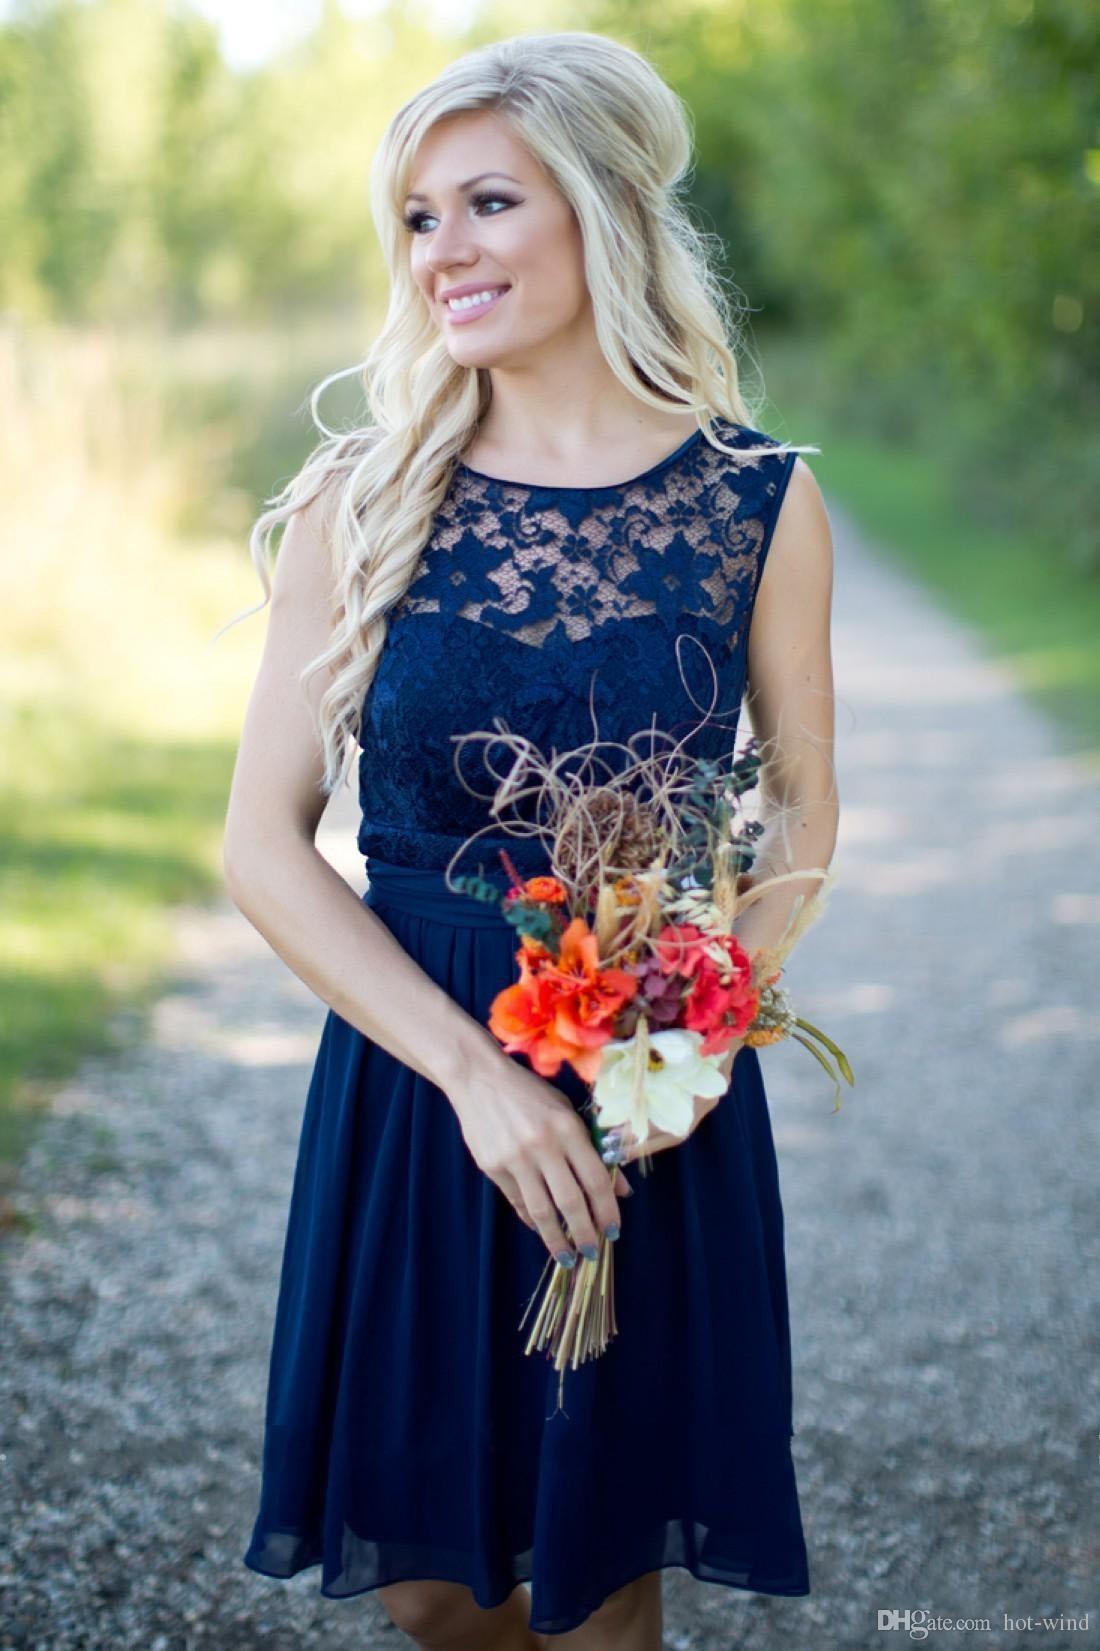 Estilo rural 2020 Royal Blue Knee Longitud de encaje Vestidos de dama de honor para bodas Joyas baratas Backless cremallera trasero Vestidos de playa de verano